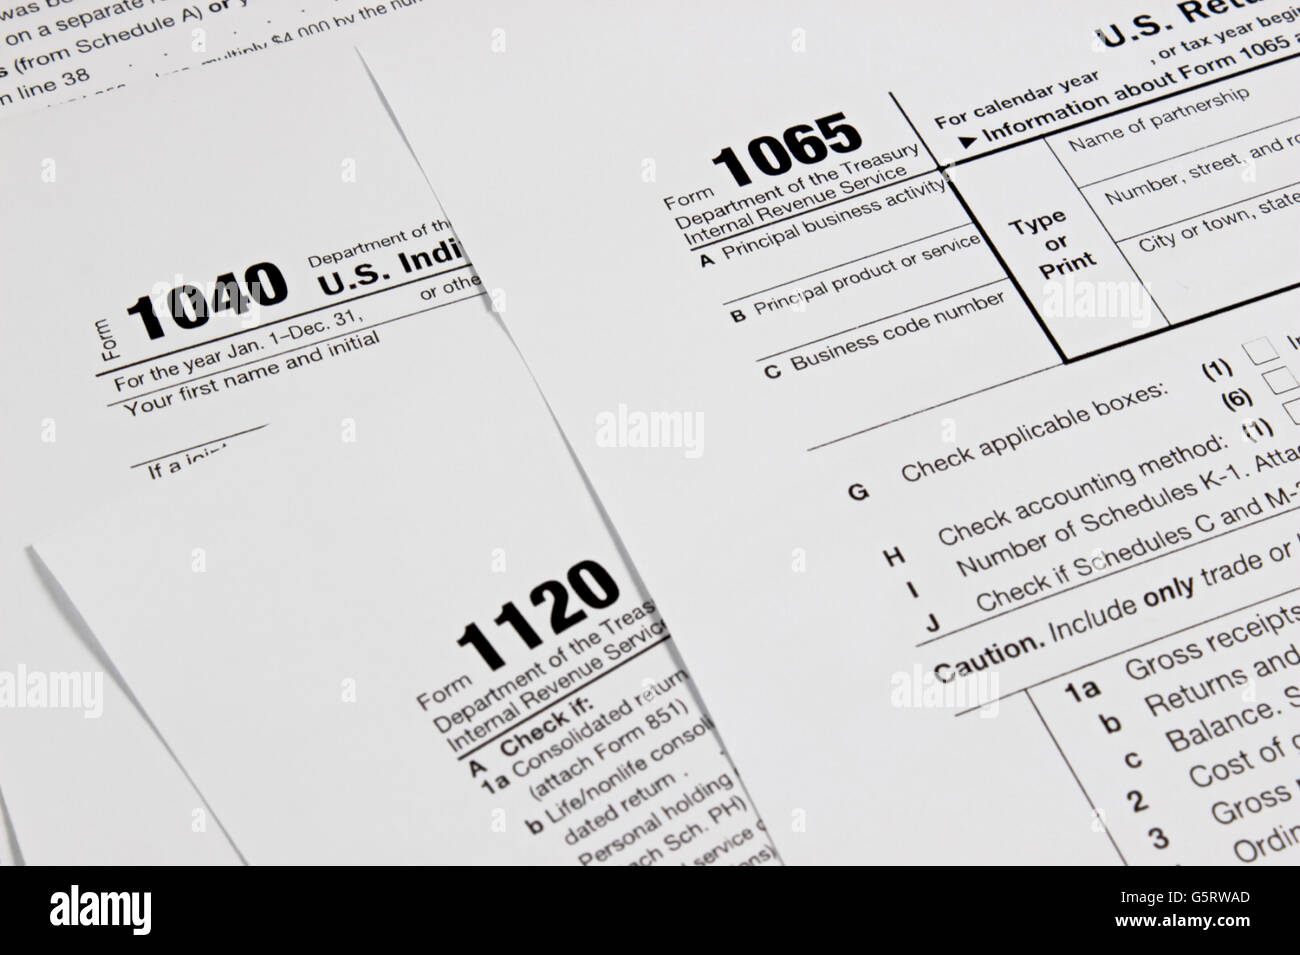 Steuer Regeln Für Nicht Qualifizierte Stock Optionen July 26, Get link; Facebook; Twitter; Pinterest; Google+; Email; Other Apps.